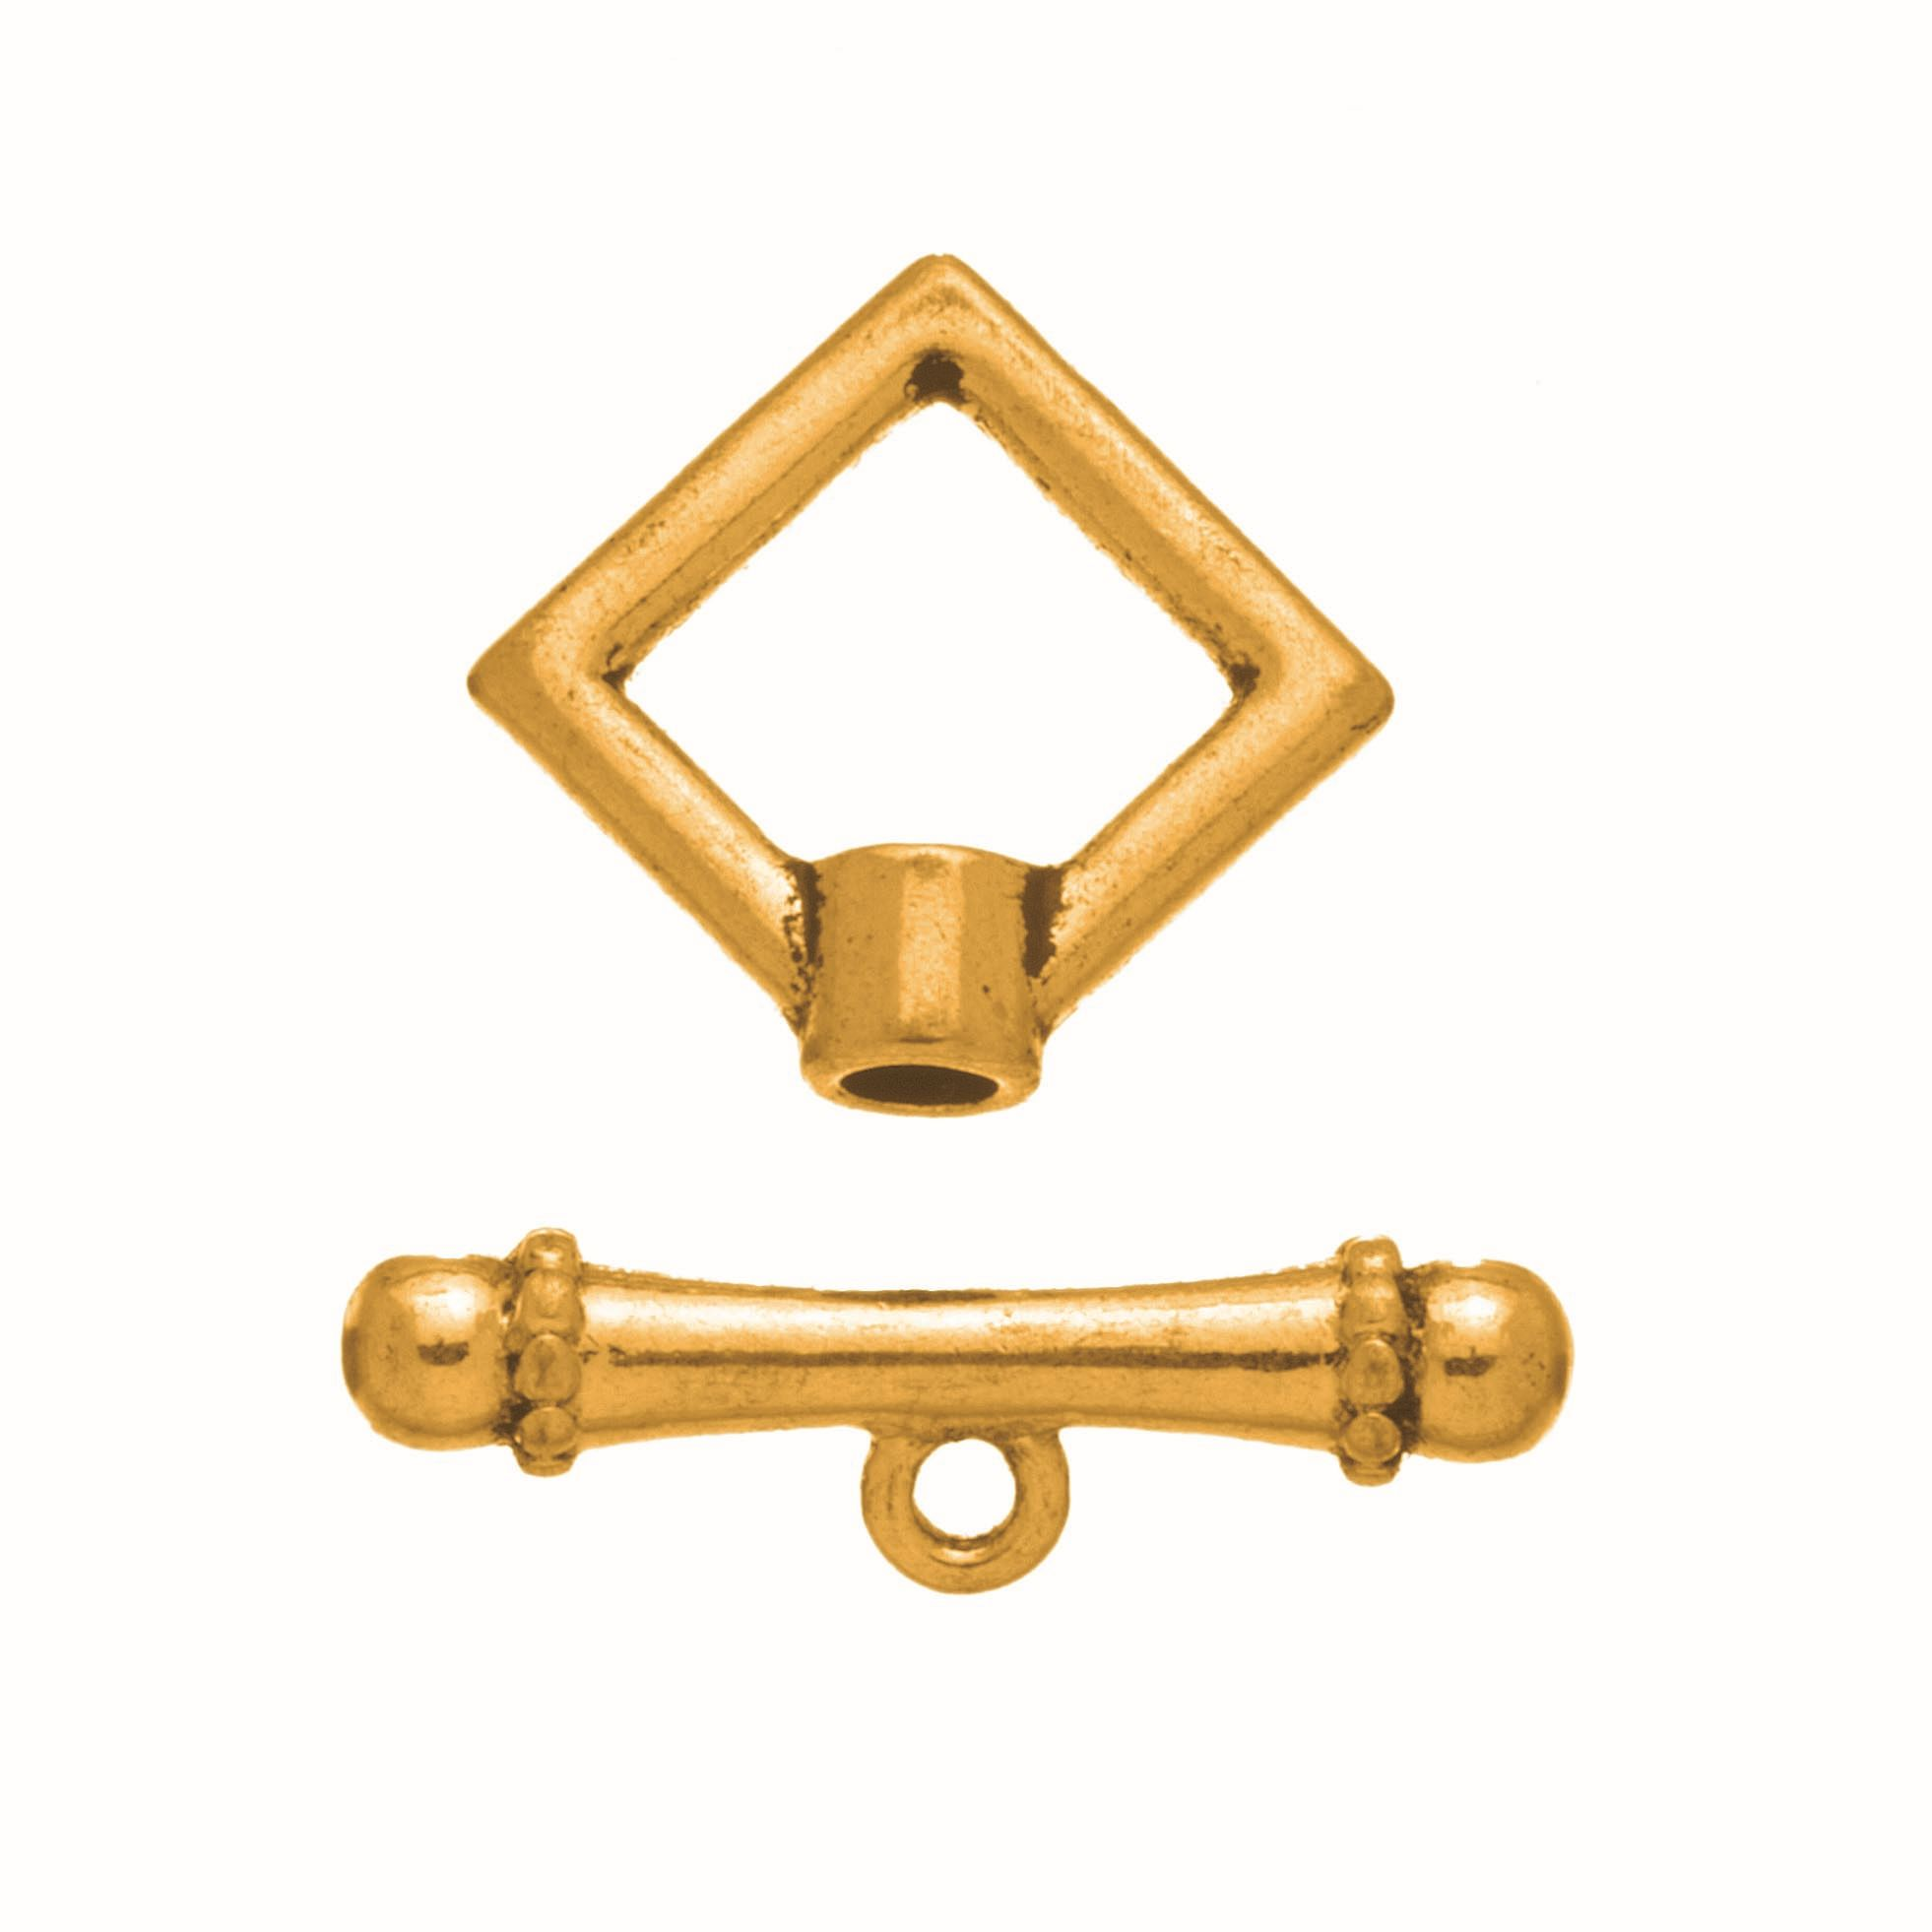 63714005 Застежка металлическая квадратная 4шт золото Glorex